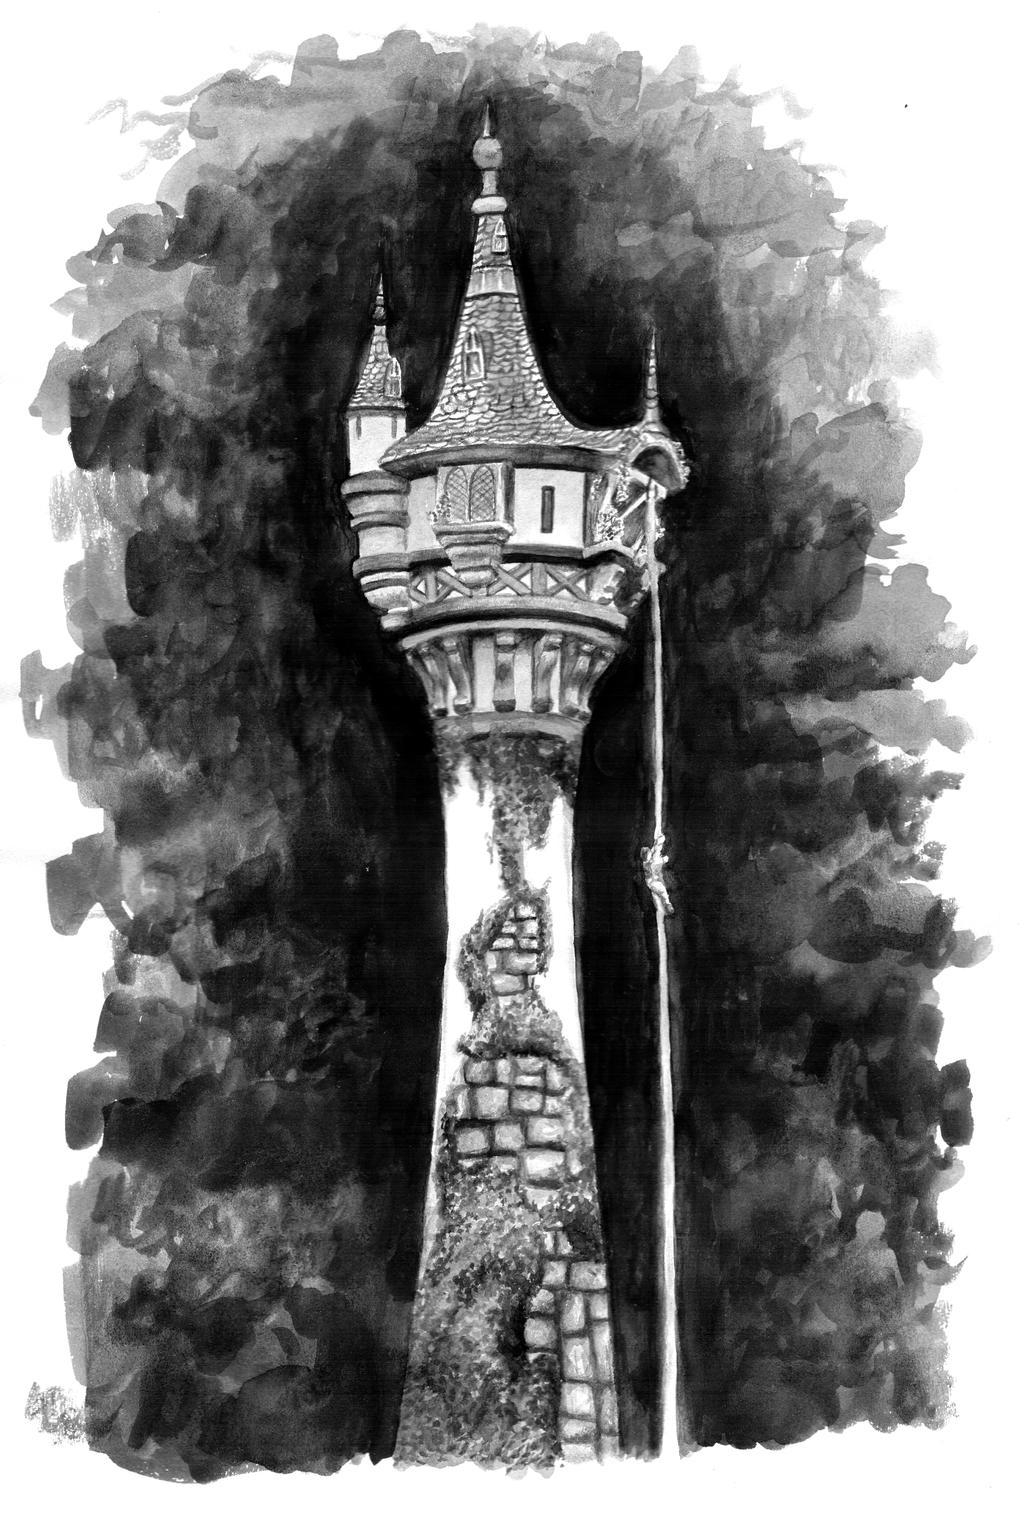 Rapunzel's tower on les pays des contes de fees by foreverwonderstruck